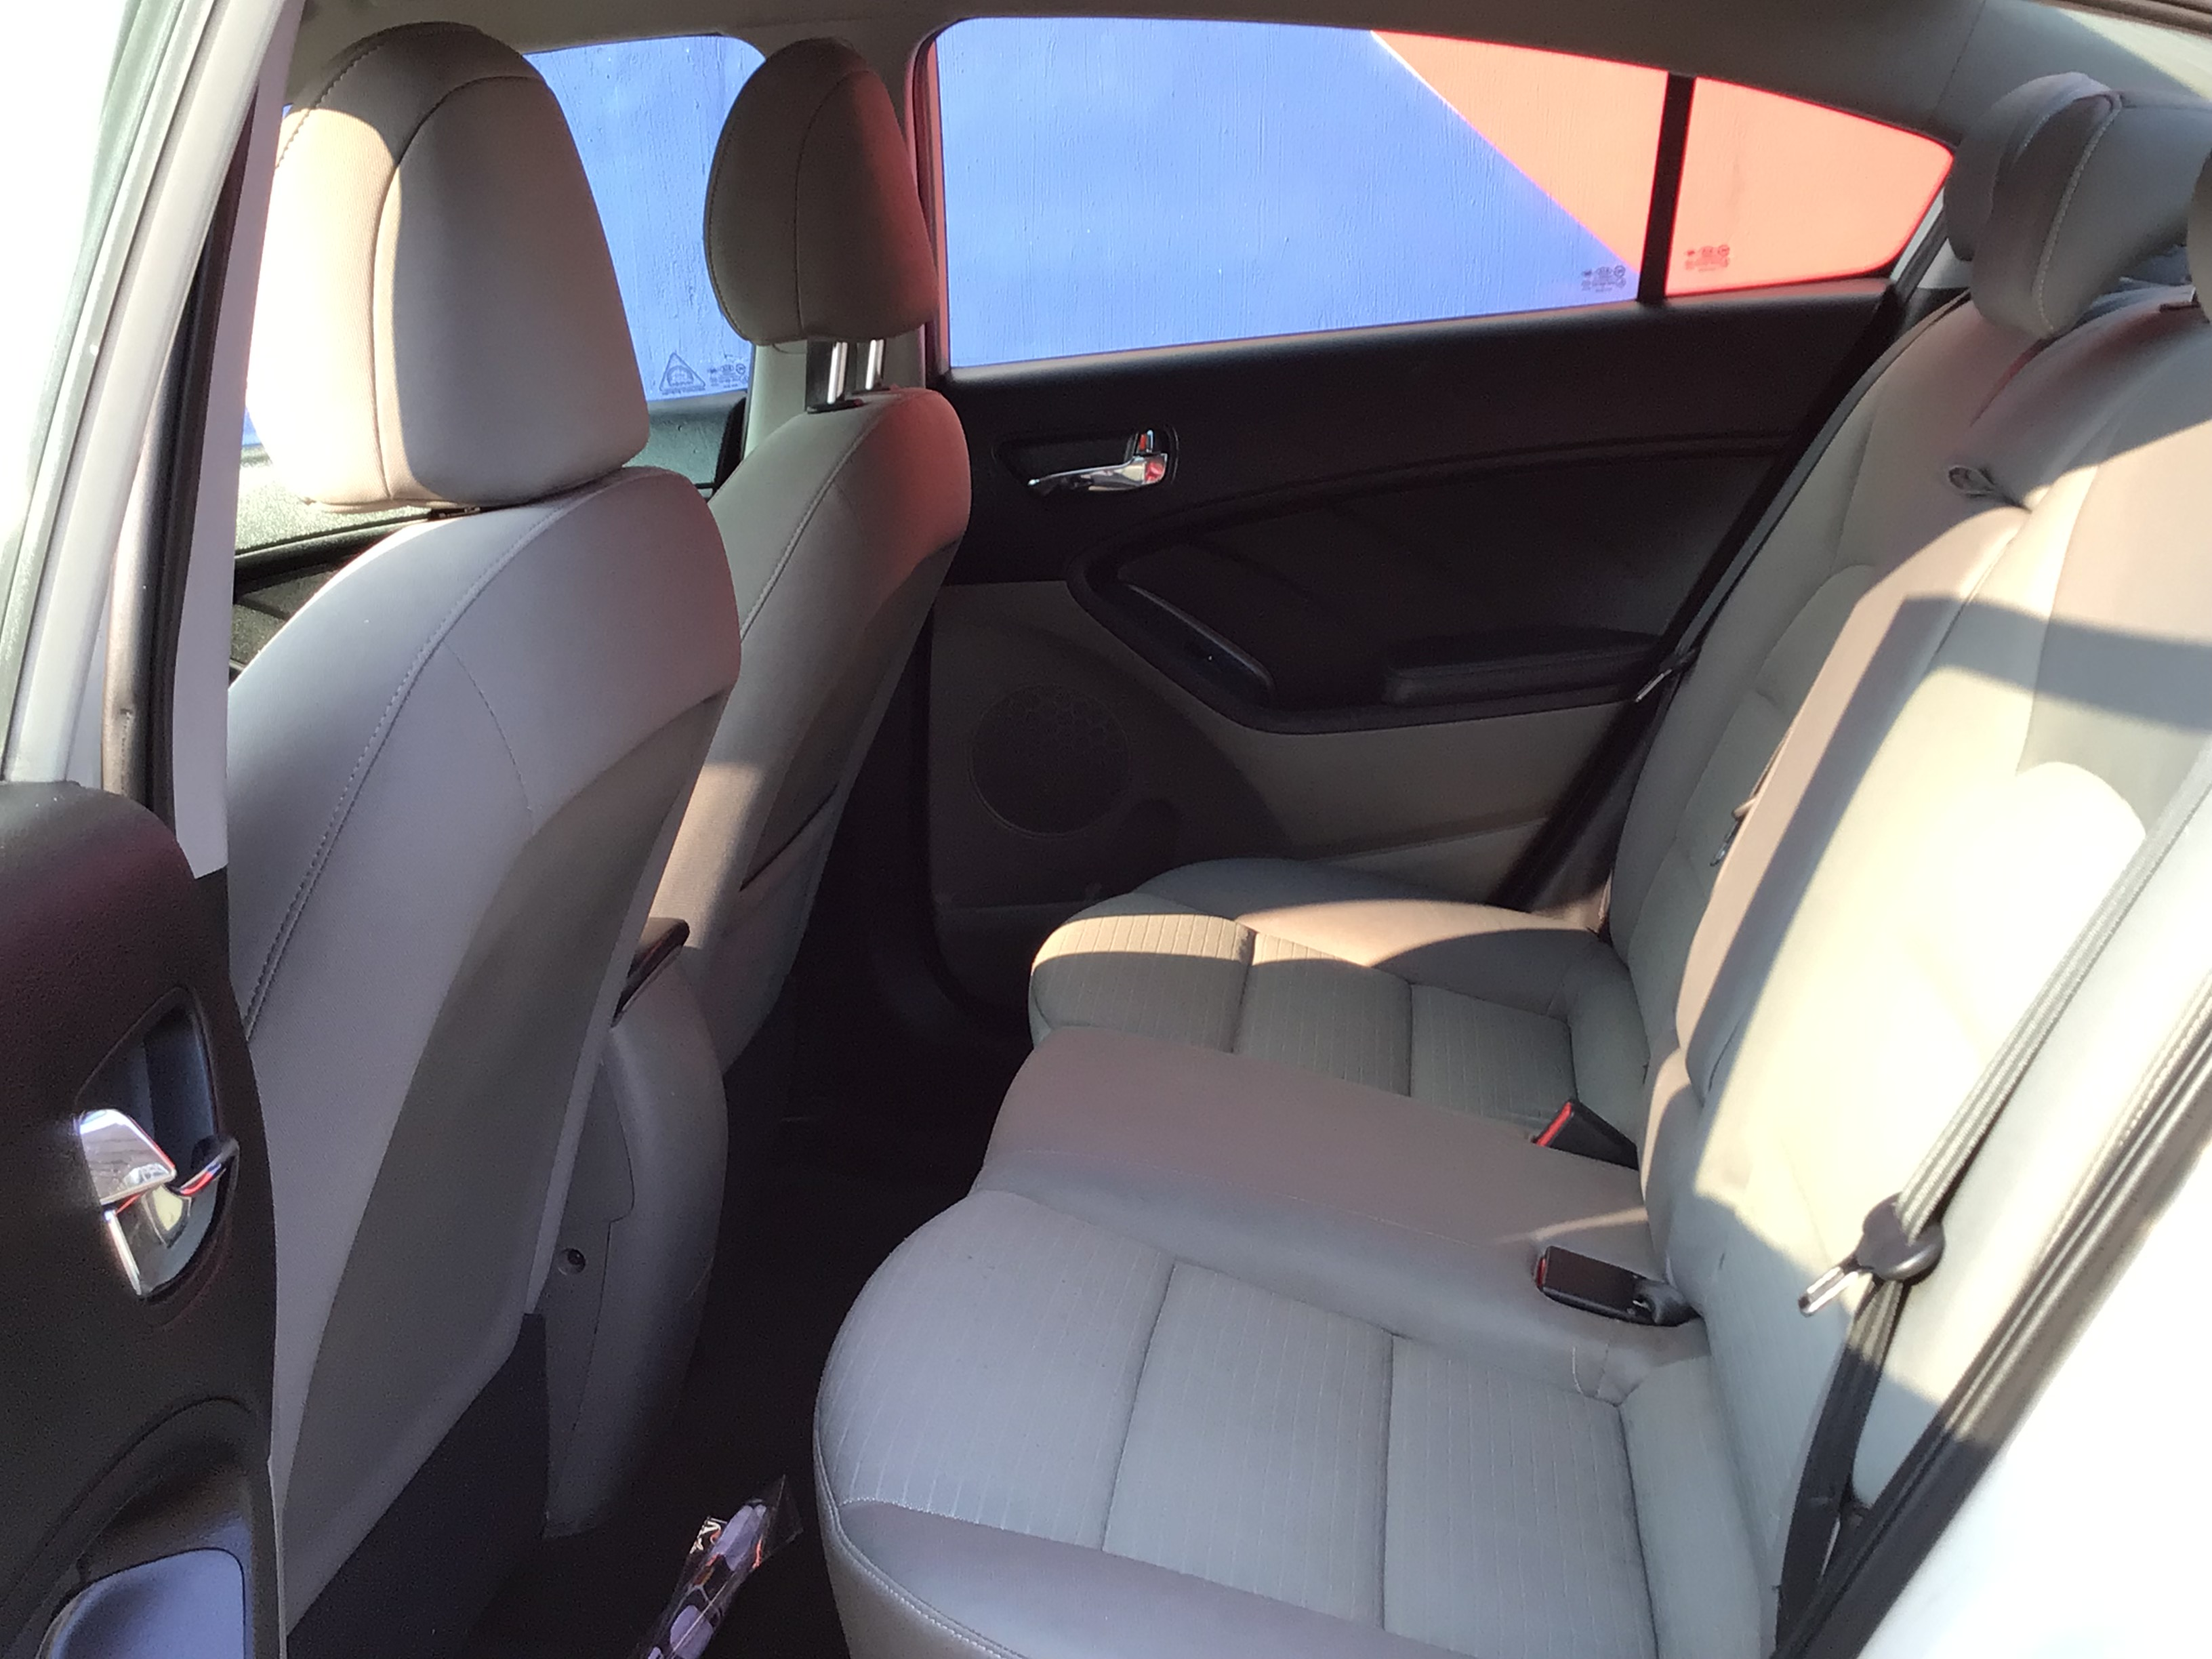 used vehicle - Sedan KIA FORTE 2014